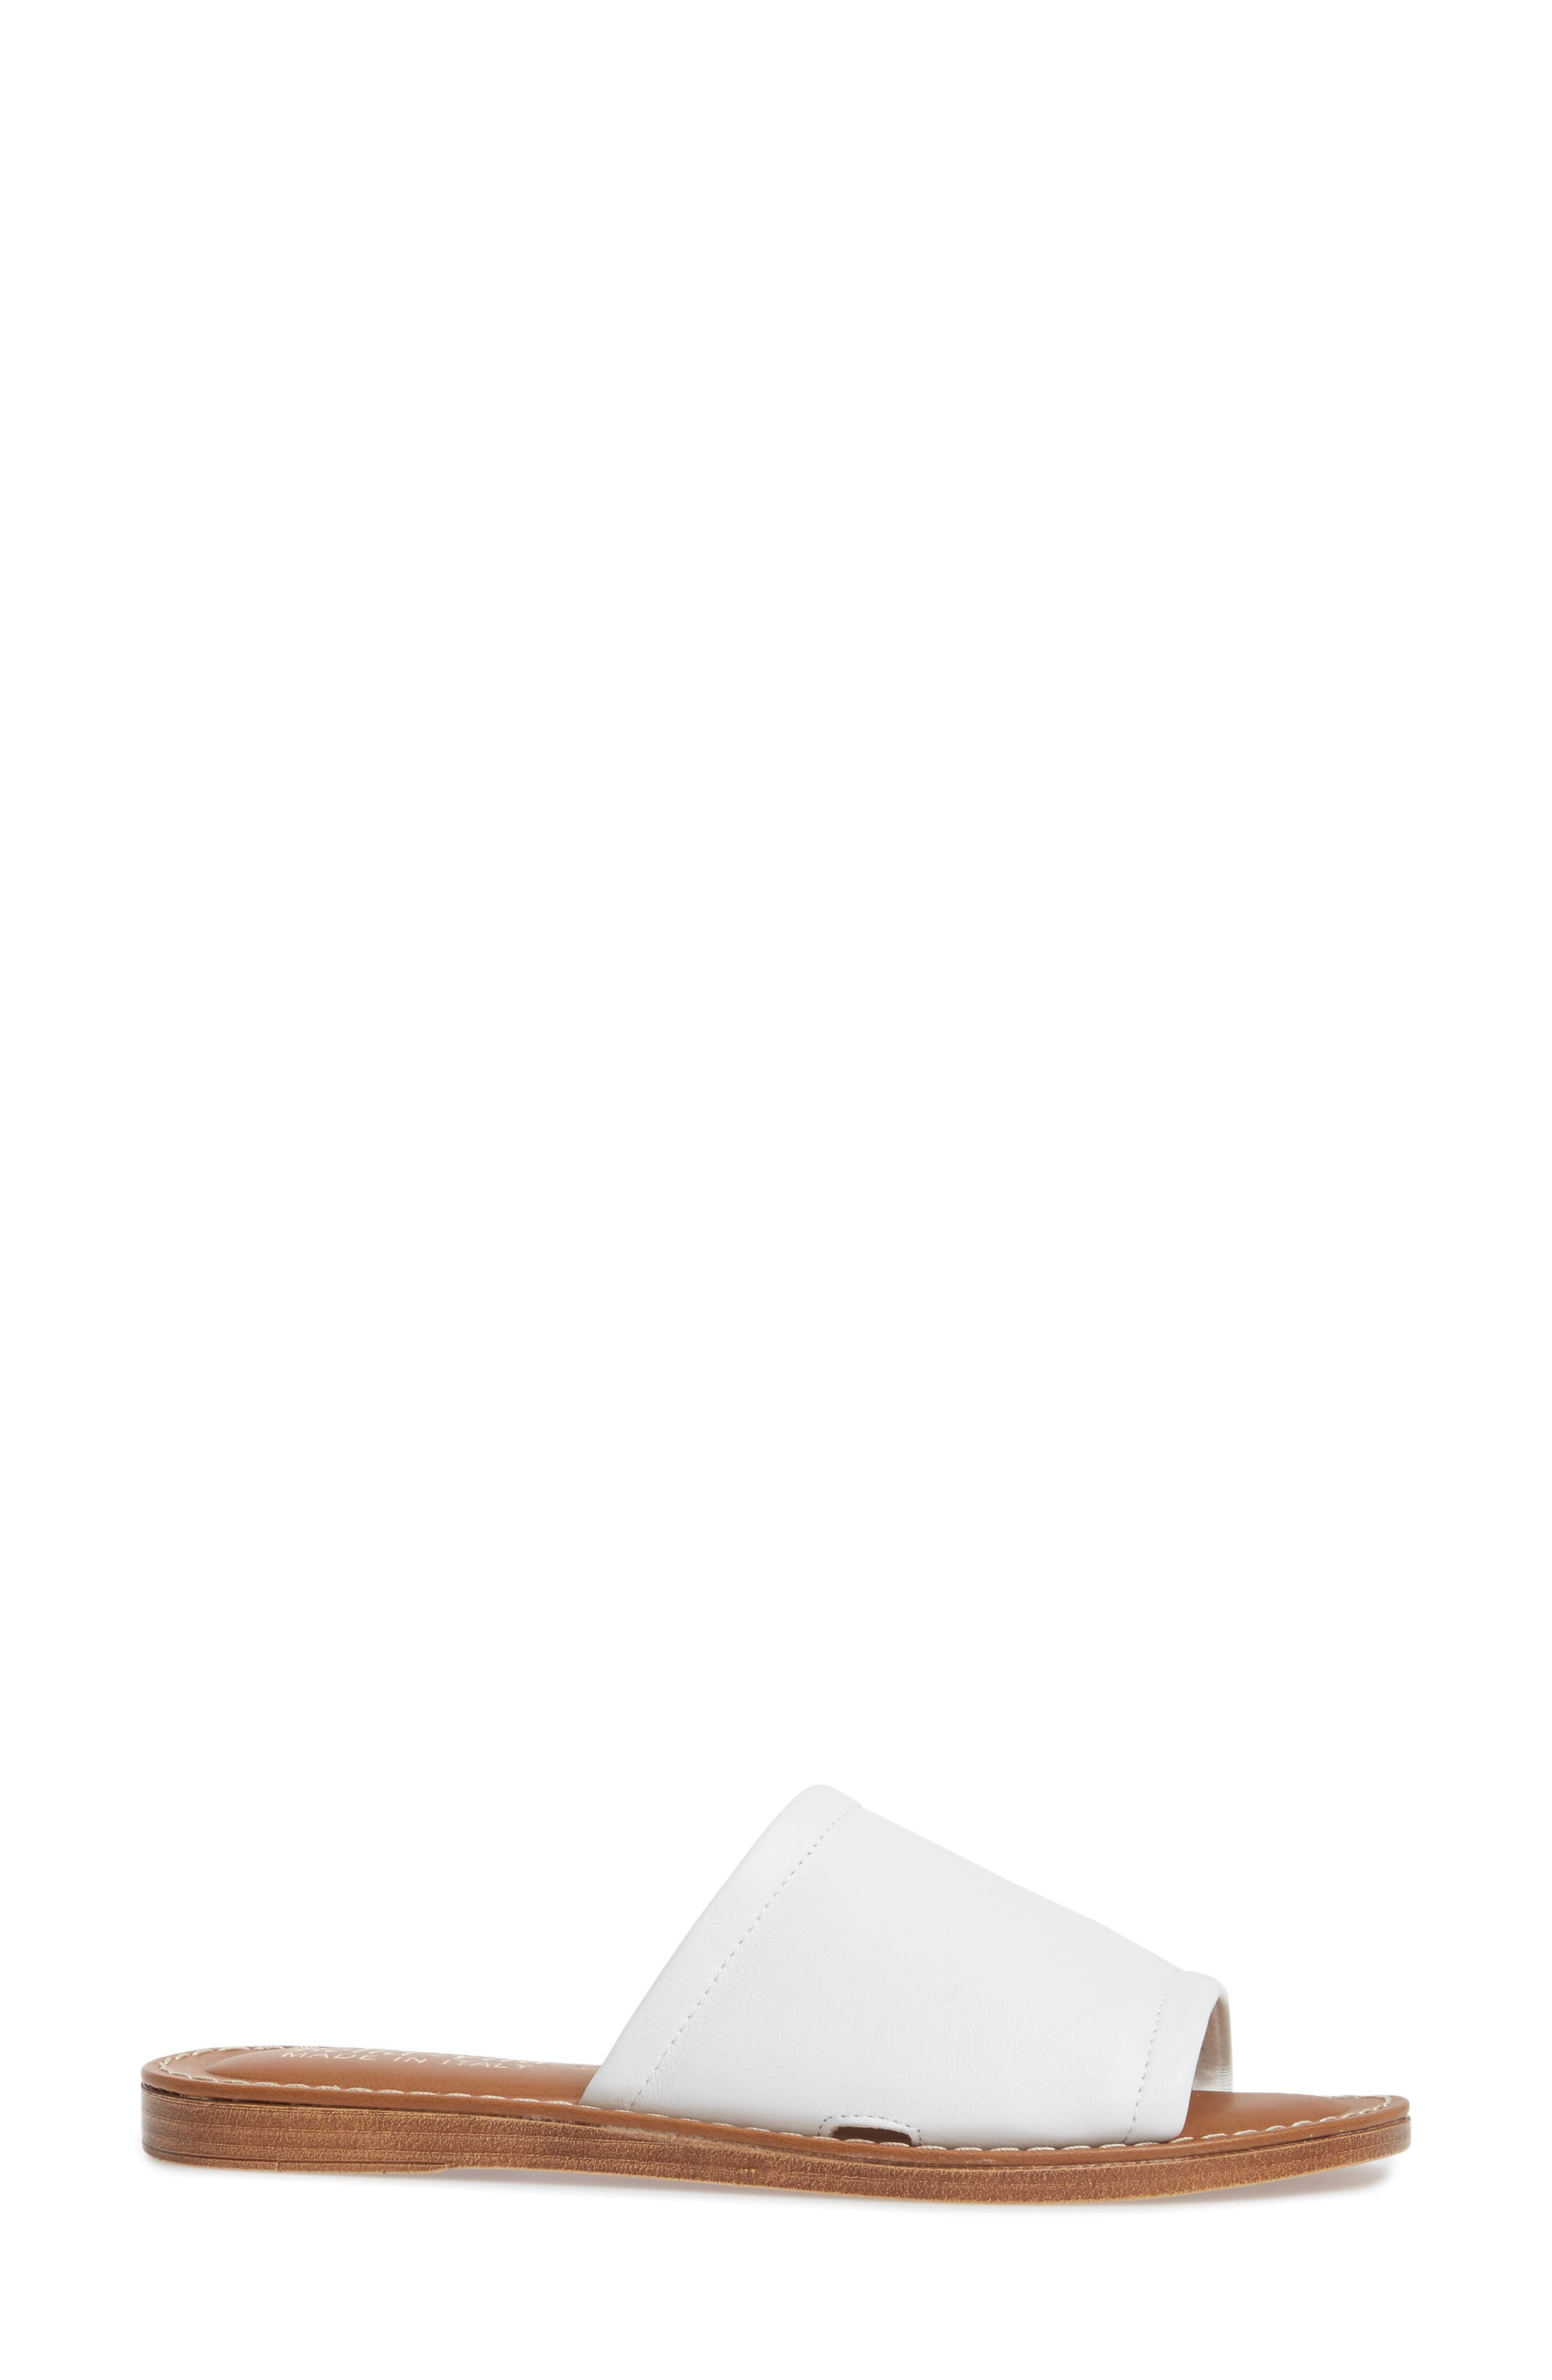 BELLA VITA, Ros Slide Sandal, Alternate thumbnail 3, color, WHITE LEATHER